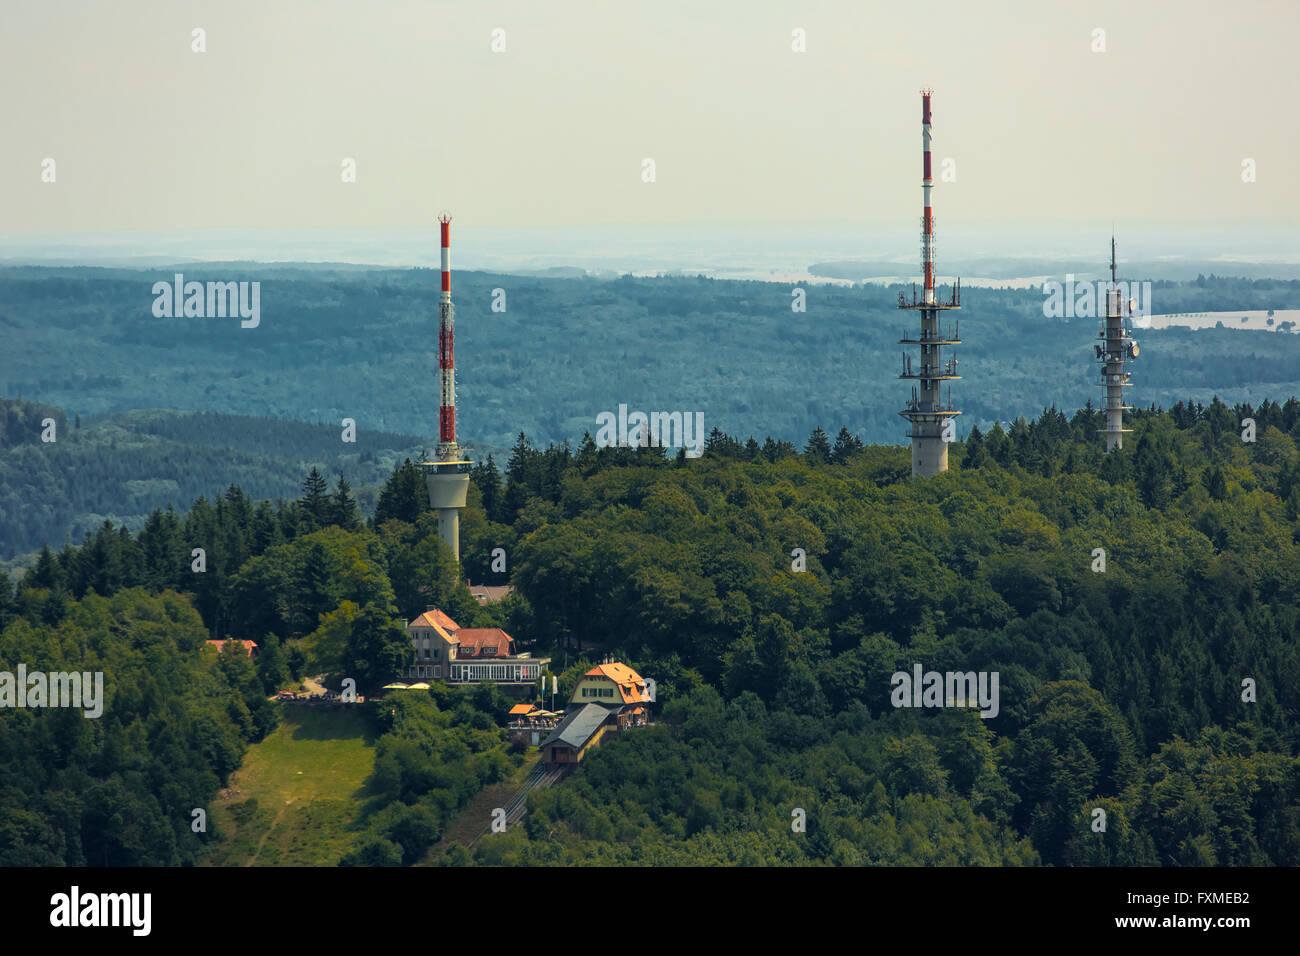 Luftbild, TV-Antennen, Konverter, Fernsehturm über Heidelberg, Heidelberg, Rhein-Neckar-Kreis, Baden-Württemberg Stockbild